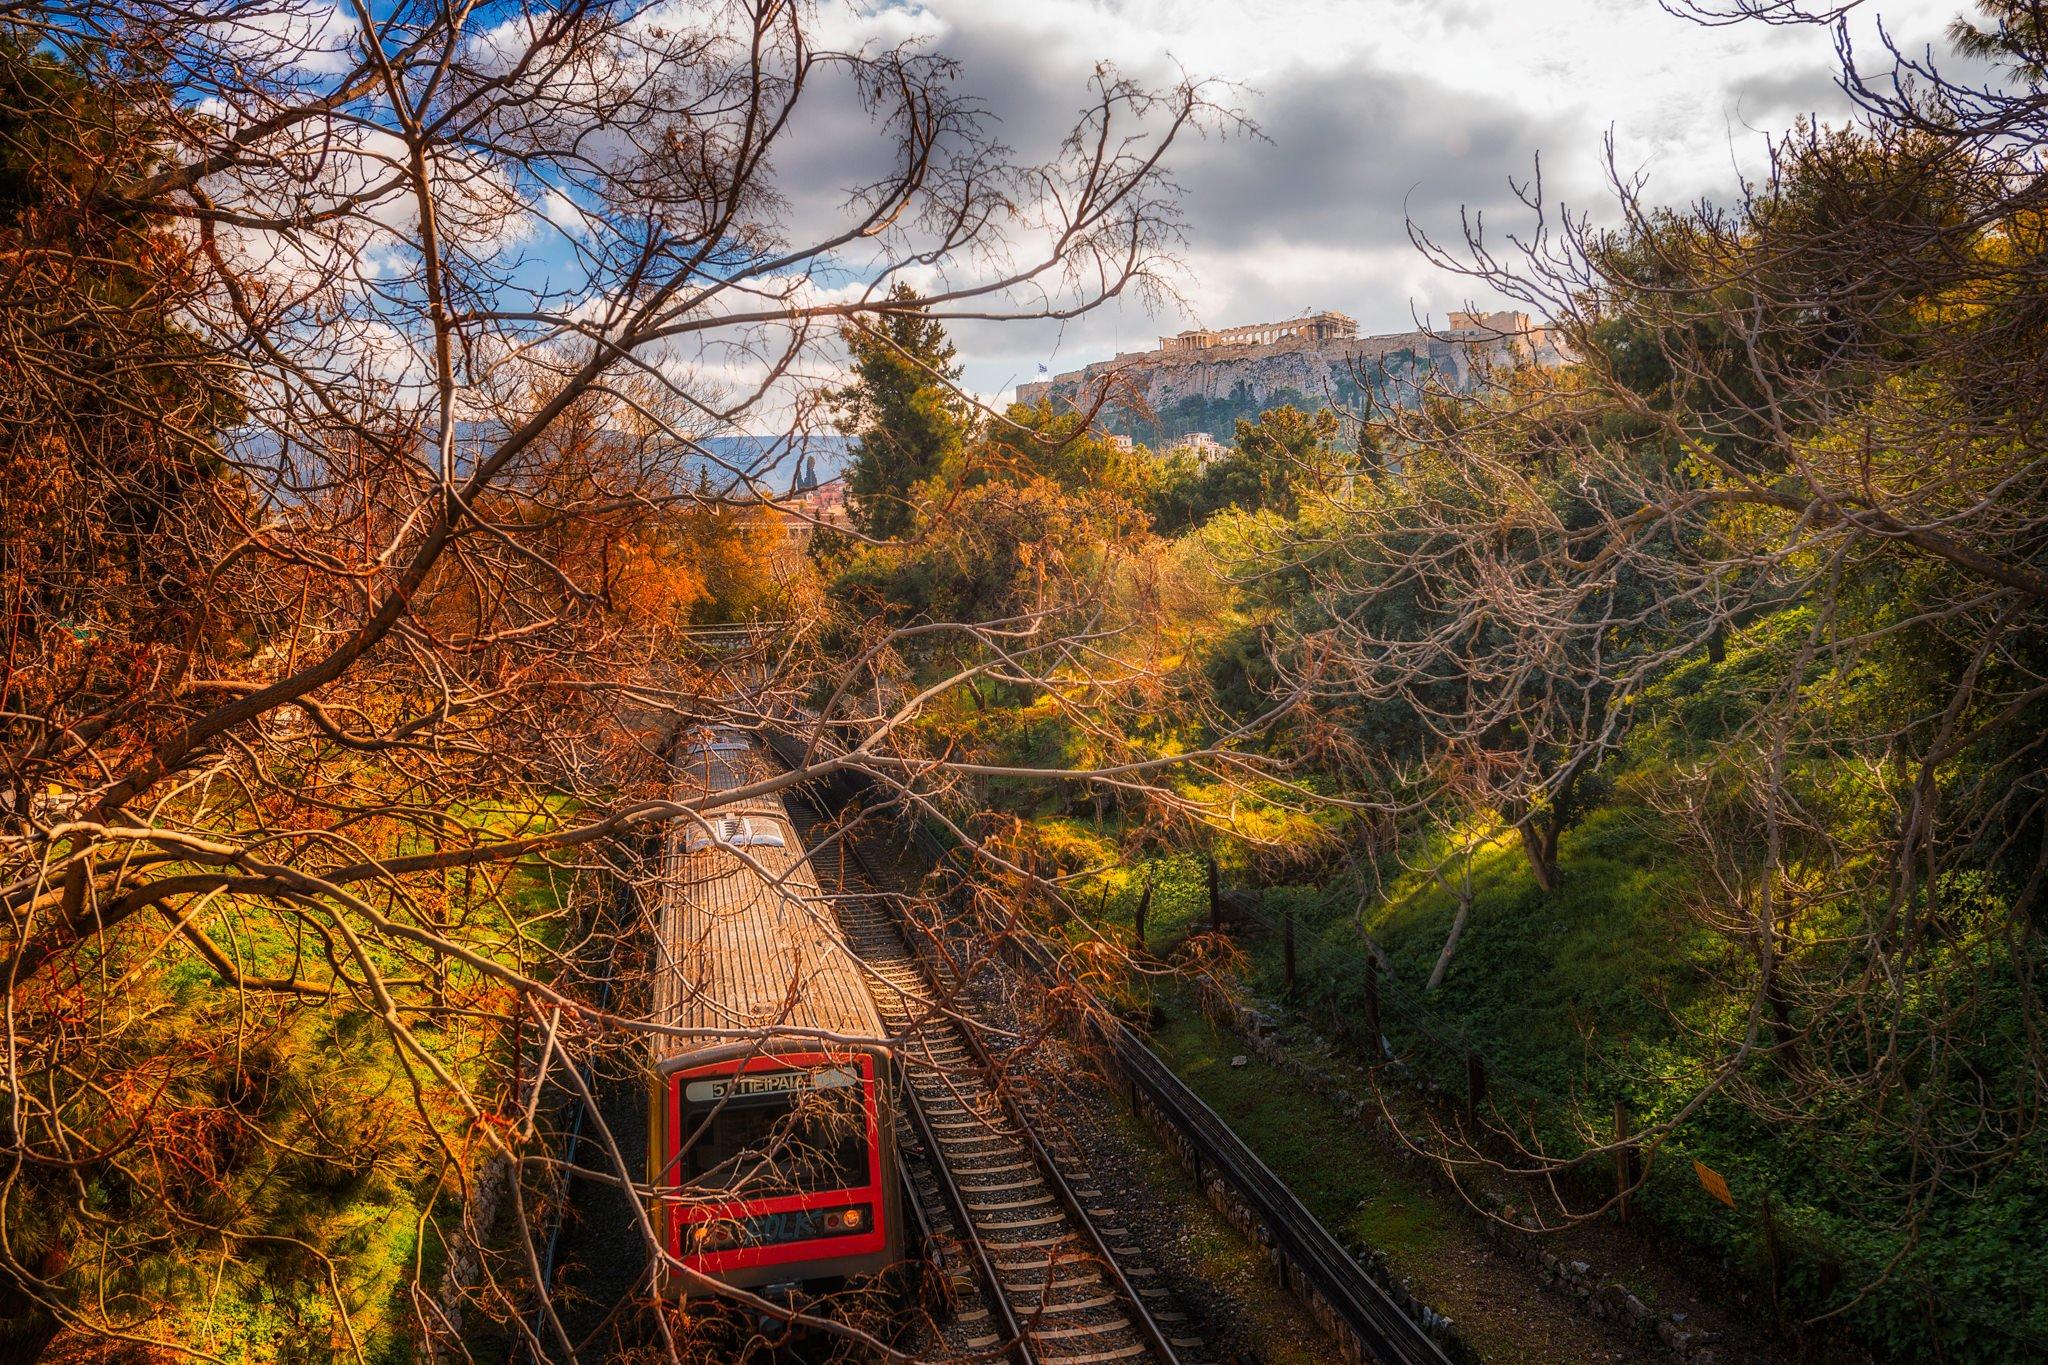 Metro w Atenach – przyszłość i przeszłość żyją szczęśliwie razem | Ateny, Grecja